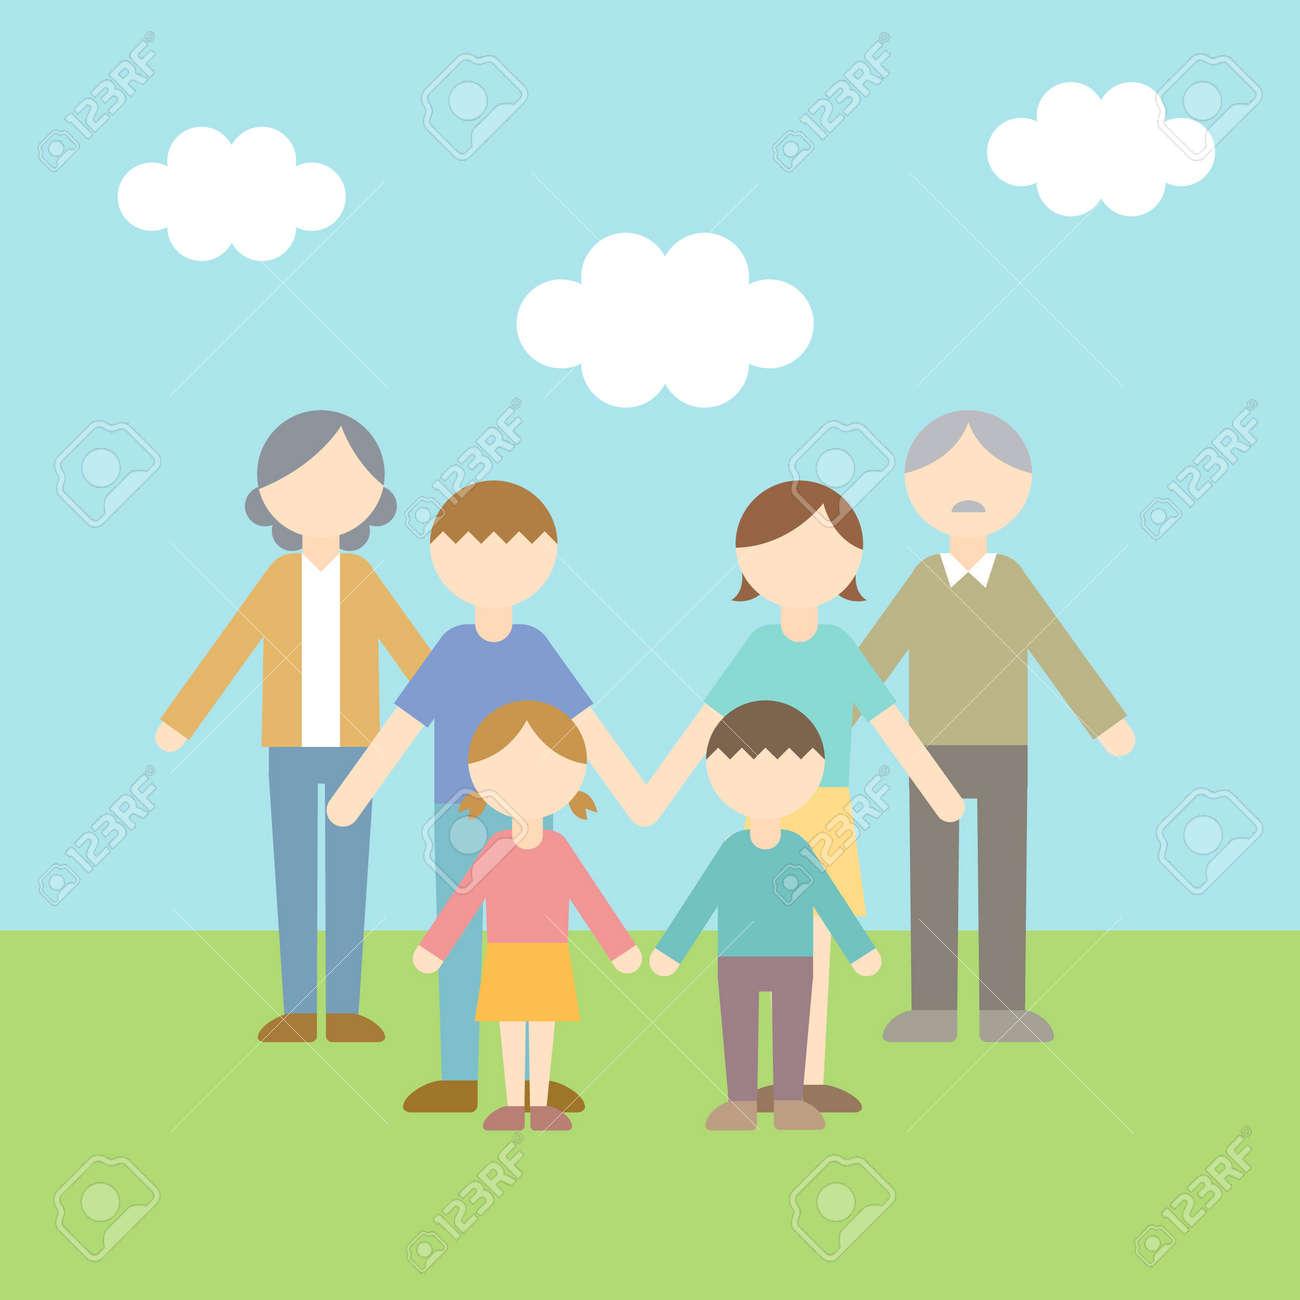 Flat Icon Family Sky - 168585543